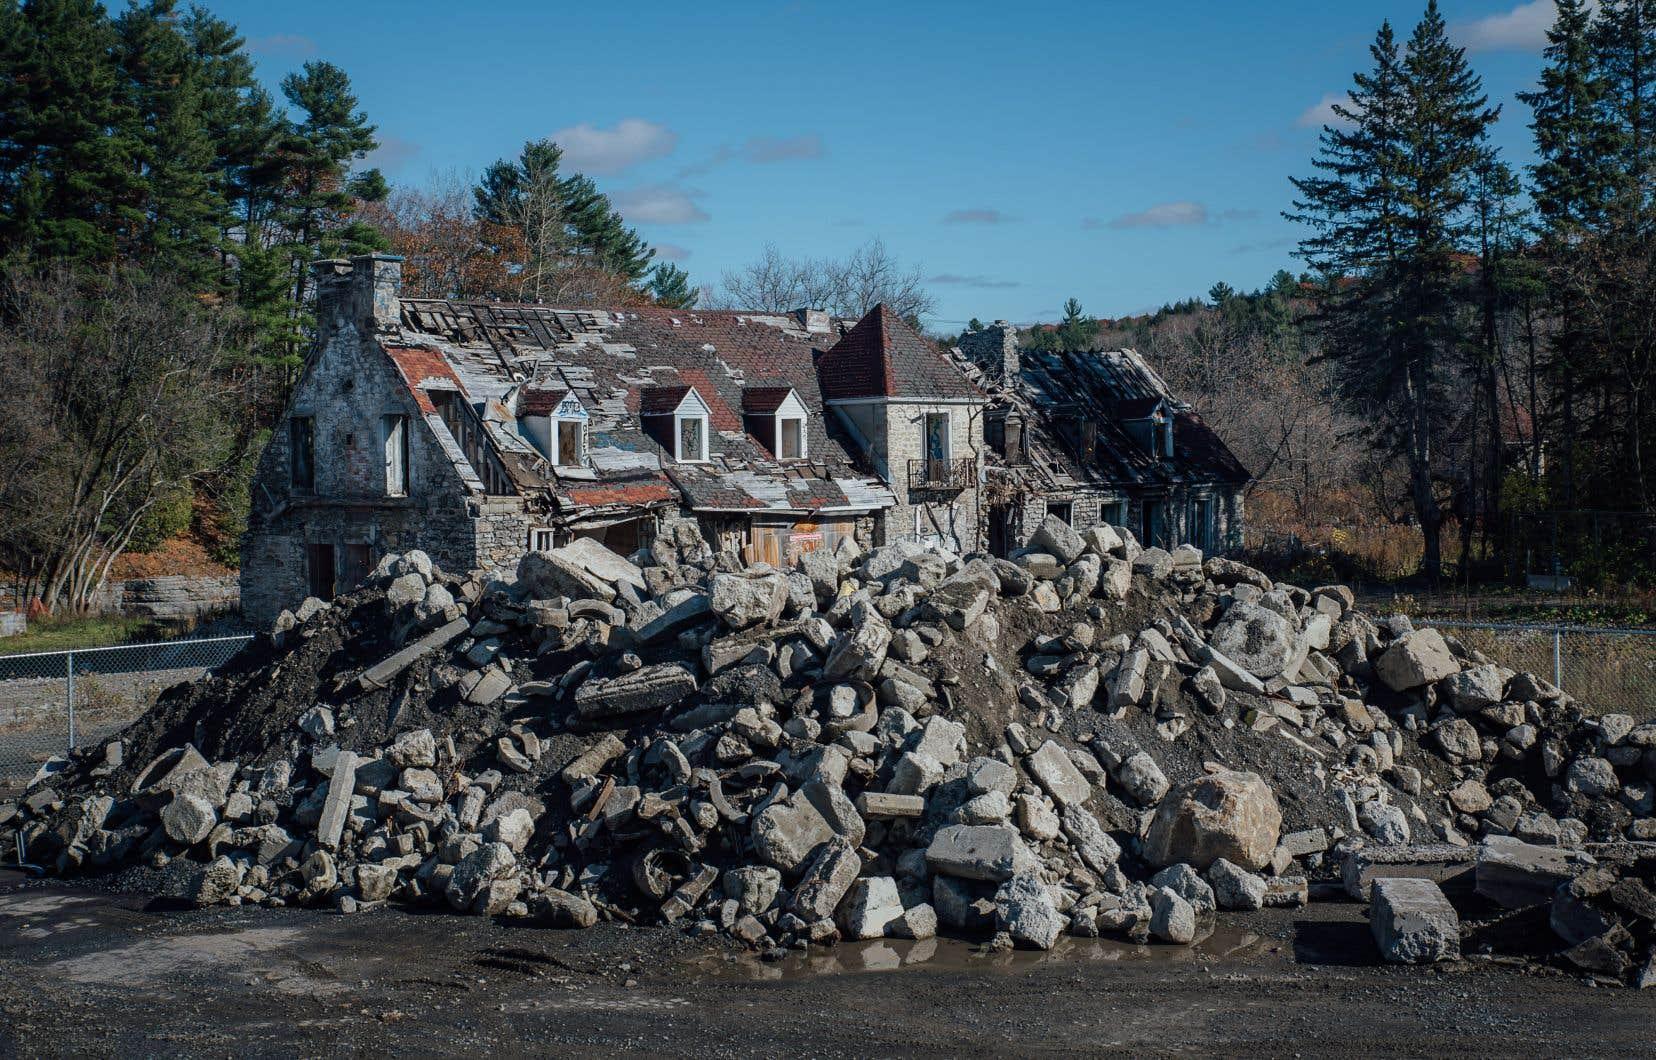 Le site comporte trois bâtiments historiques principaux: le manoir (sur cette photo), la maison du meunier et un moulin. Après avoir été touché par plusieurs incendies, le lieu est aujourd'hui dans un piteux état.